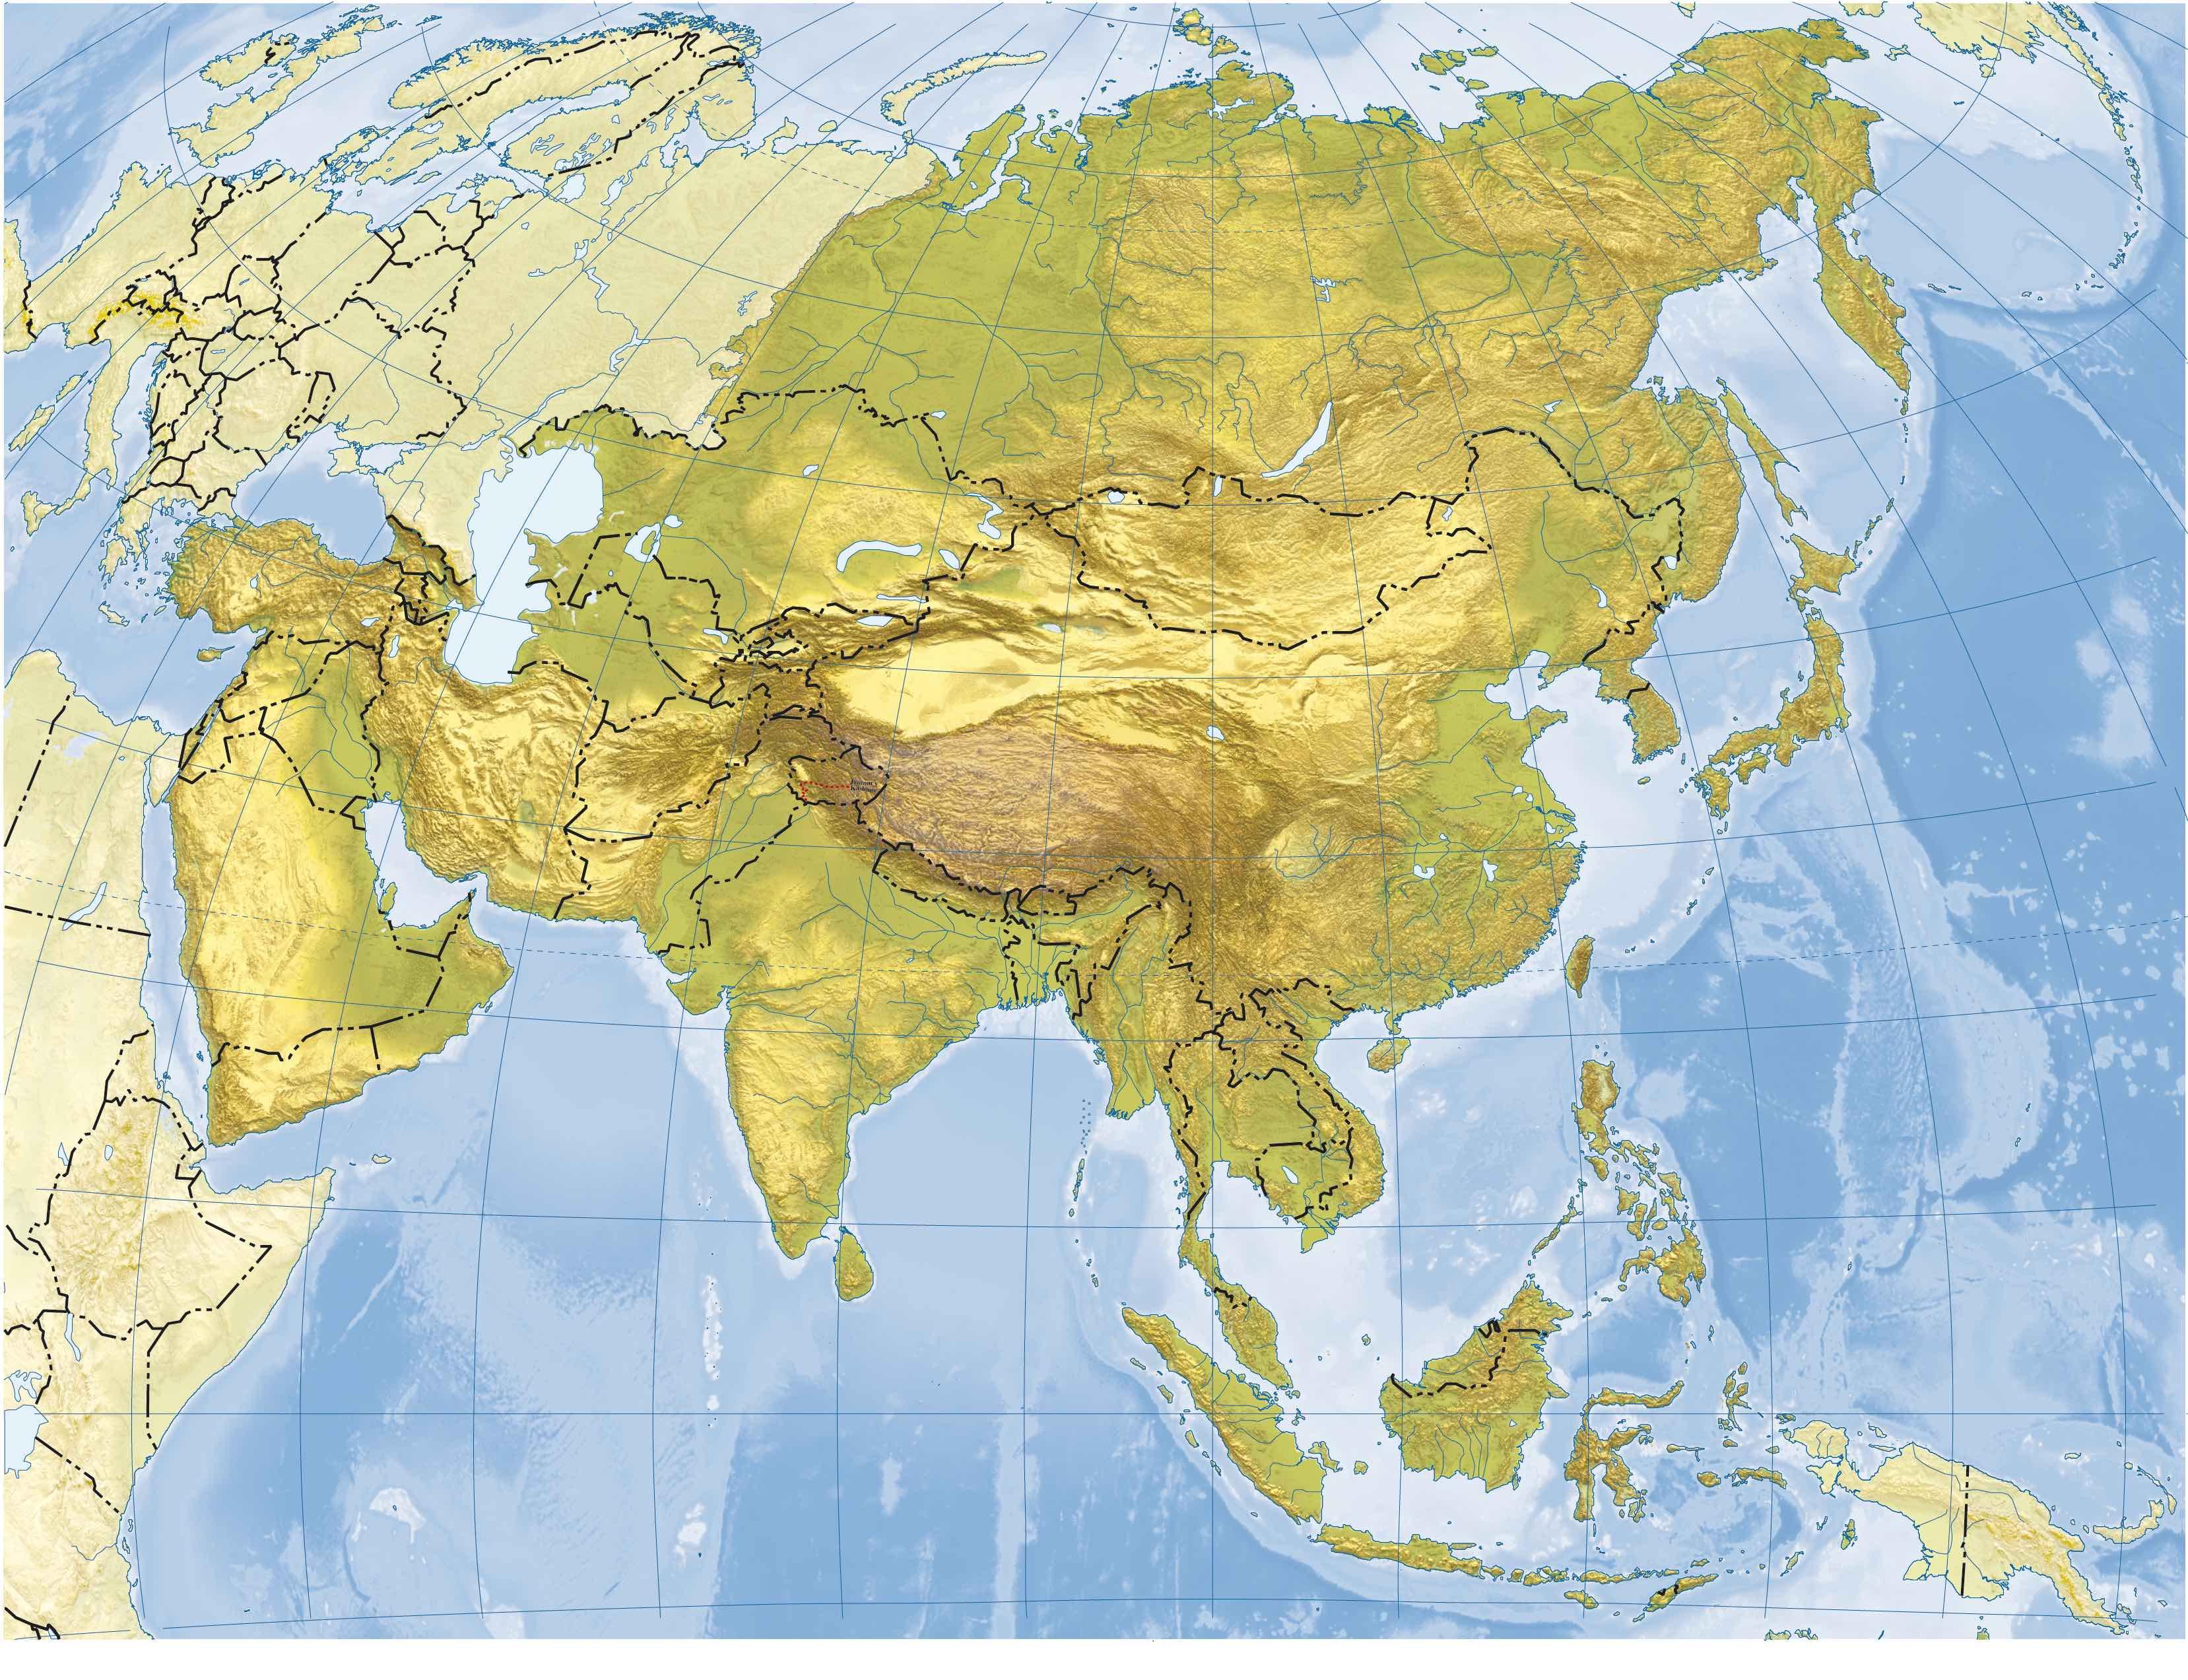 Juegos de Geografa  Juego de Asia fsico 3 mesetas desiertos y